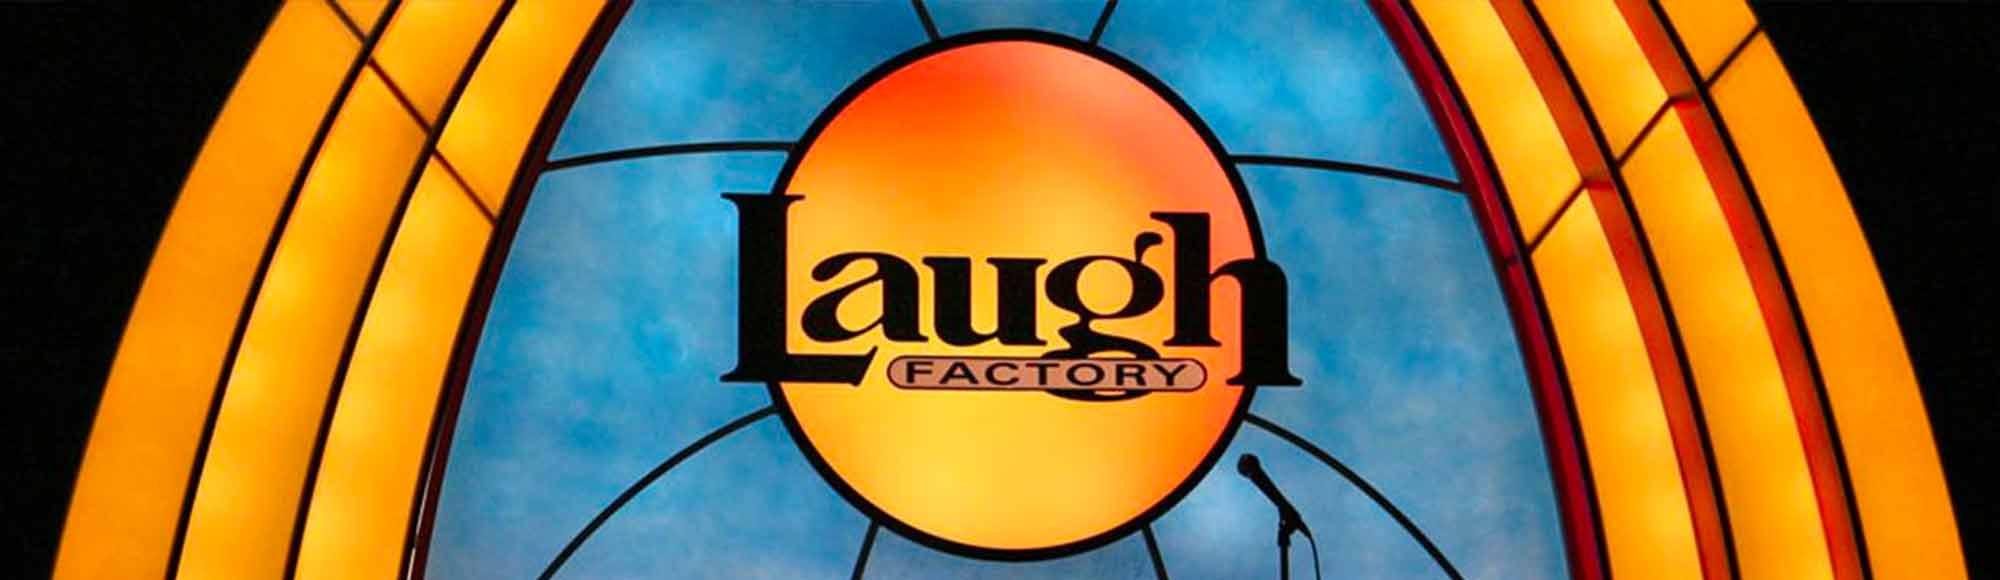 Laugh Factory show